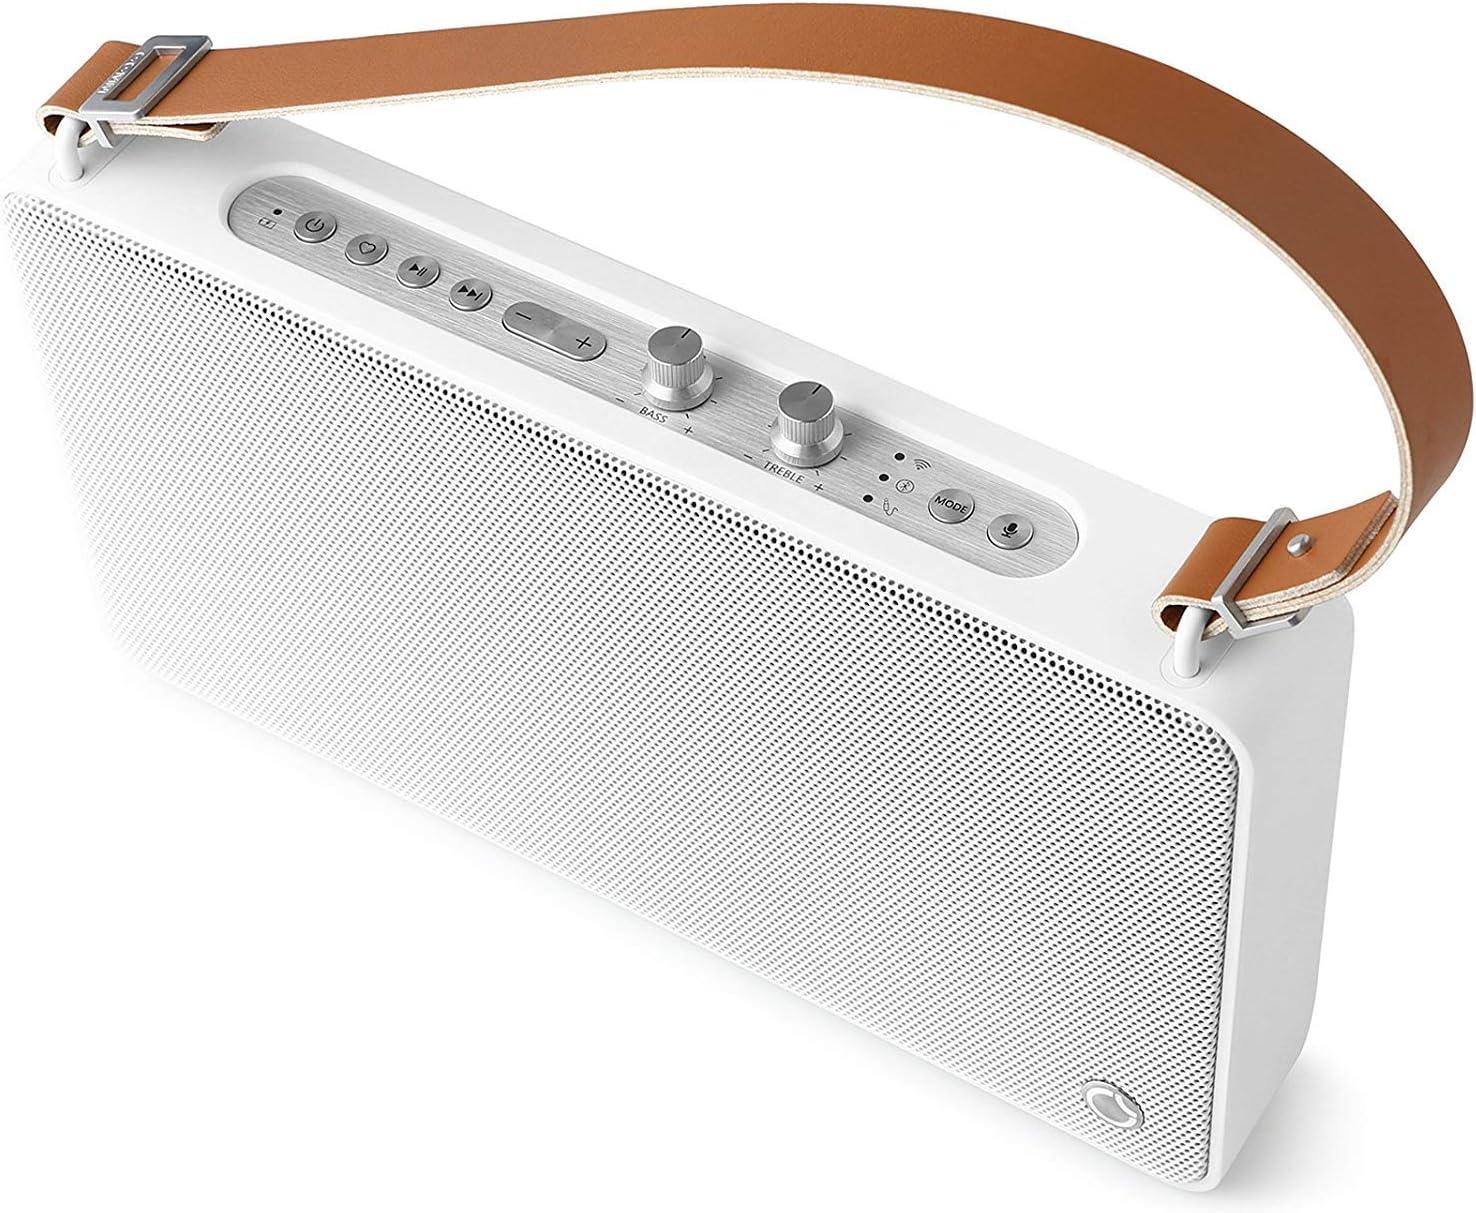 Ggmm E5 Wireless Smart Speakers With Amazon Alexa Wifi Bluetooth